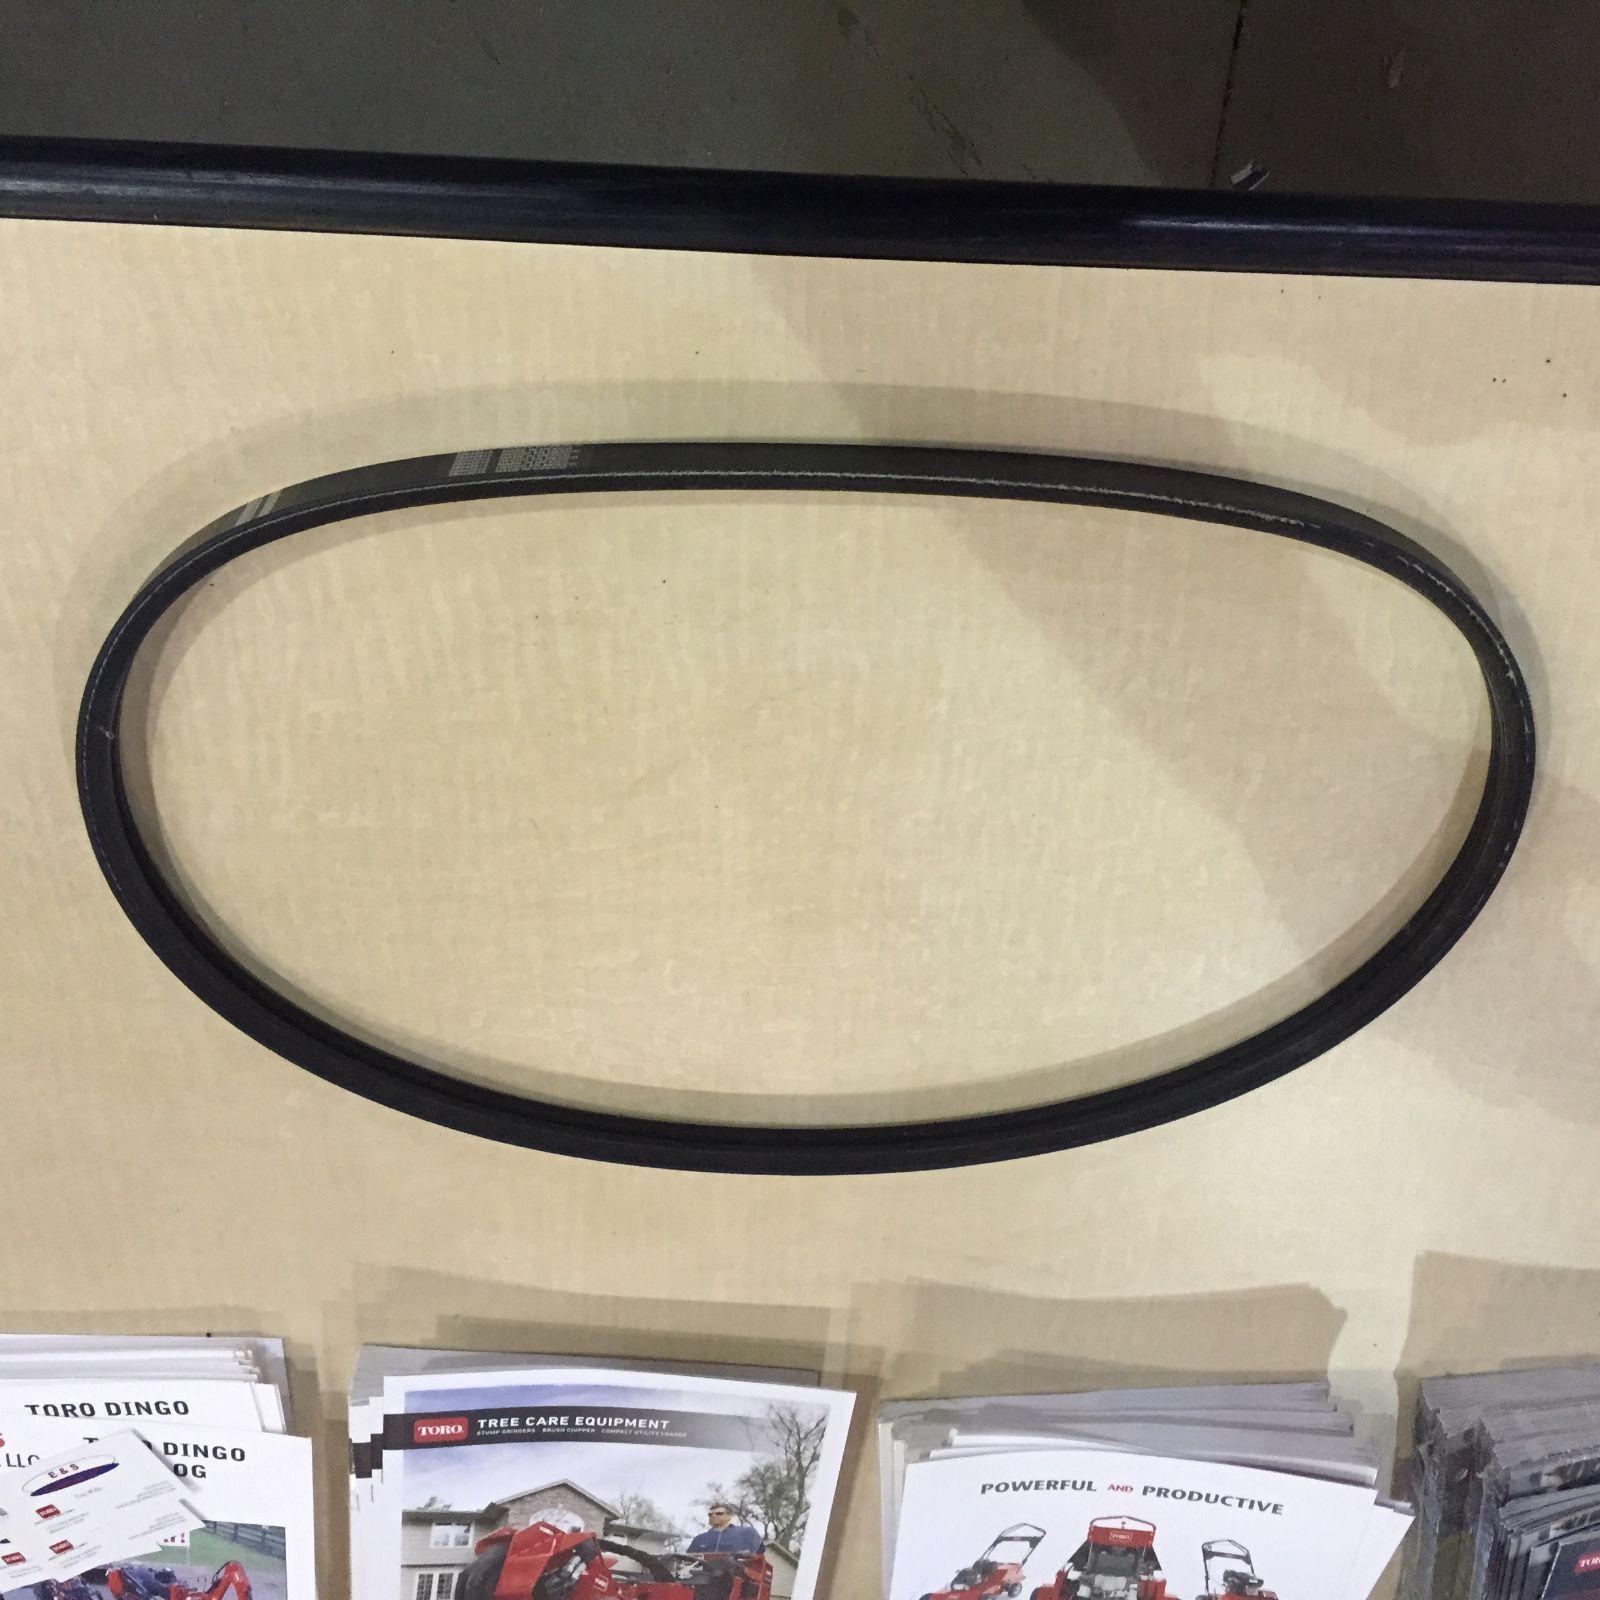 Toro Dingo V Cinturón para la venta se ajusta Diesel 525 pista estrecha y amplia